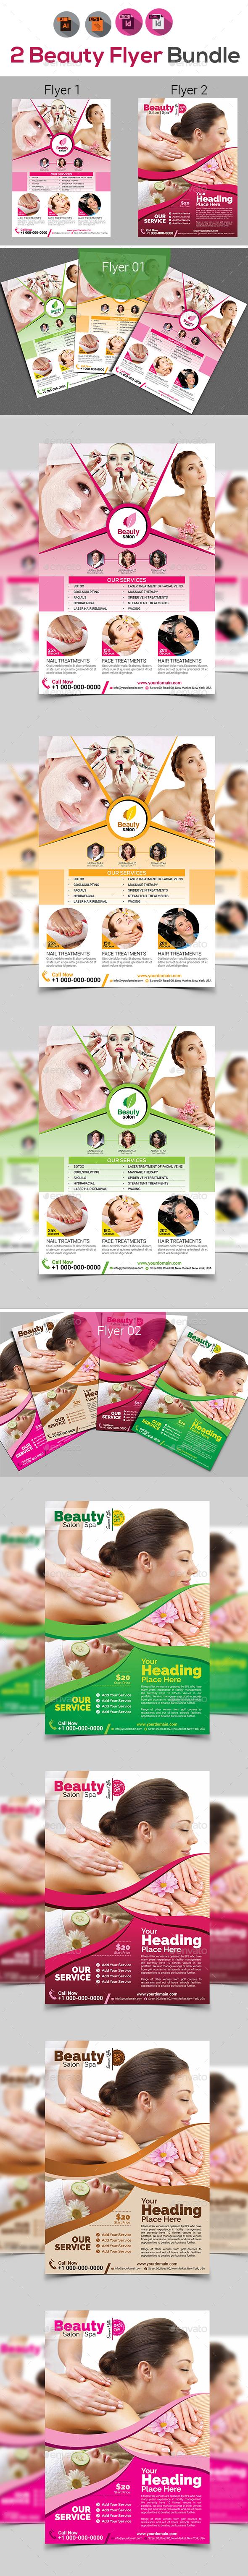 Beauty Flyer Bundle V5 - Corporate Flyers